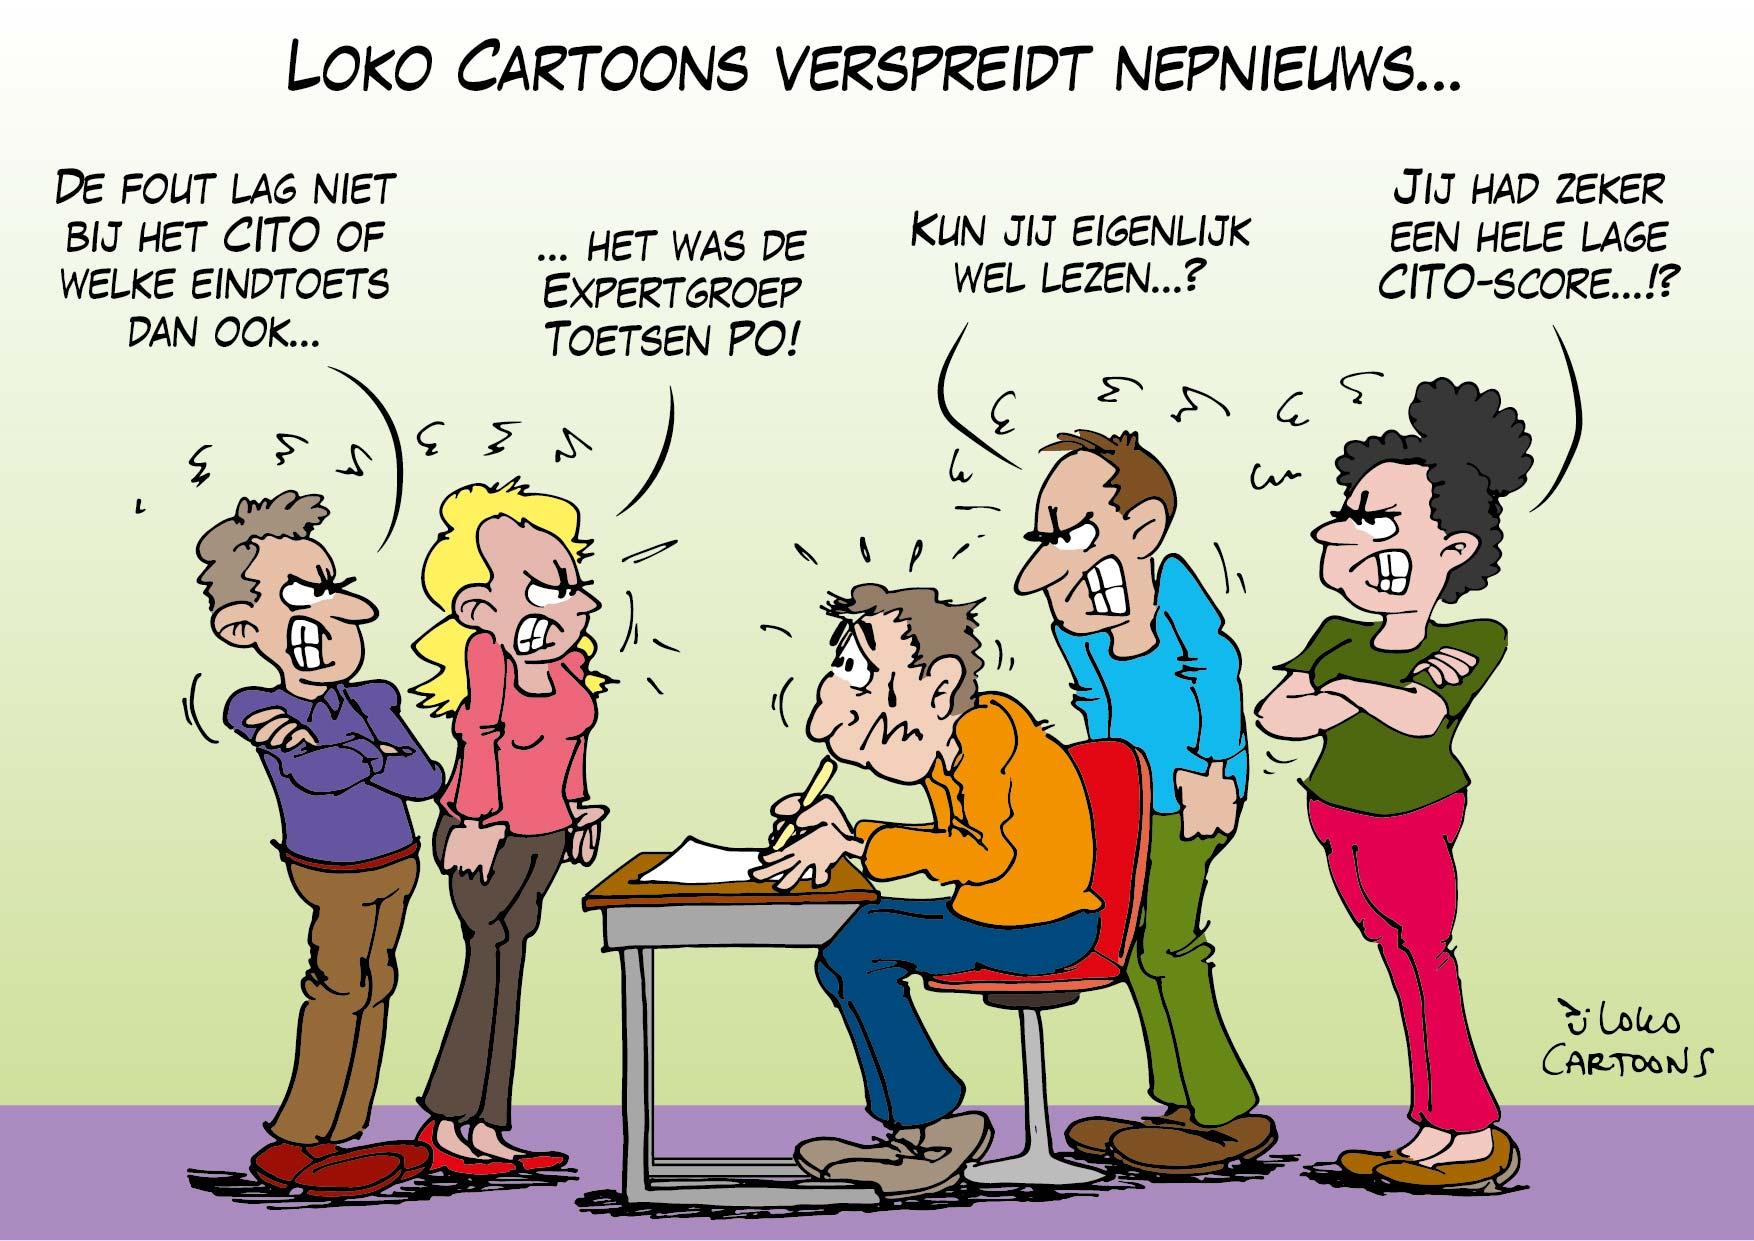 Loko Cartoons verspreidt nepnieuws…